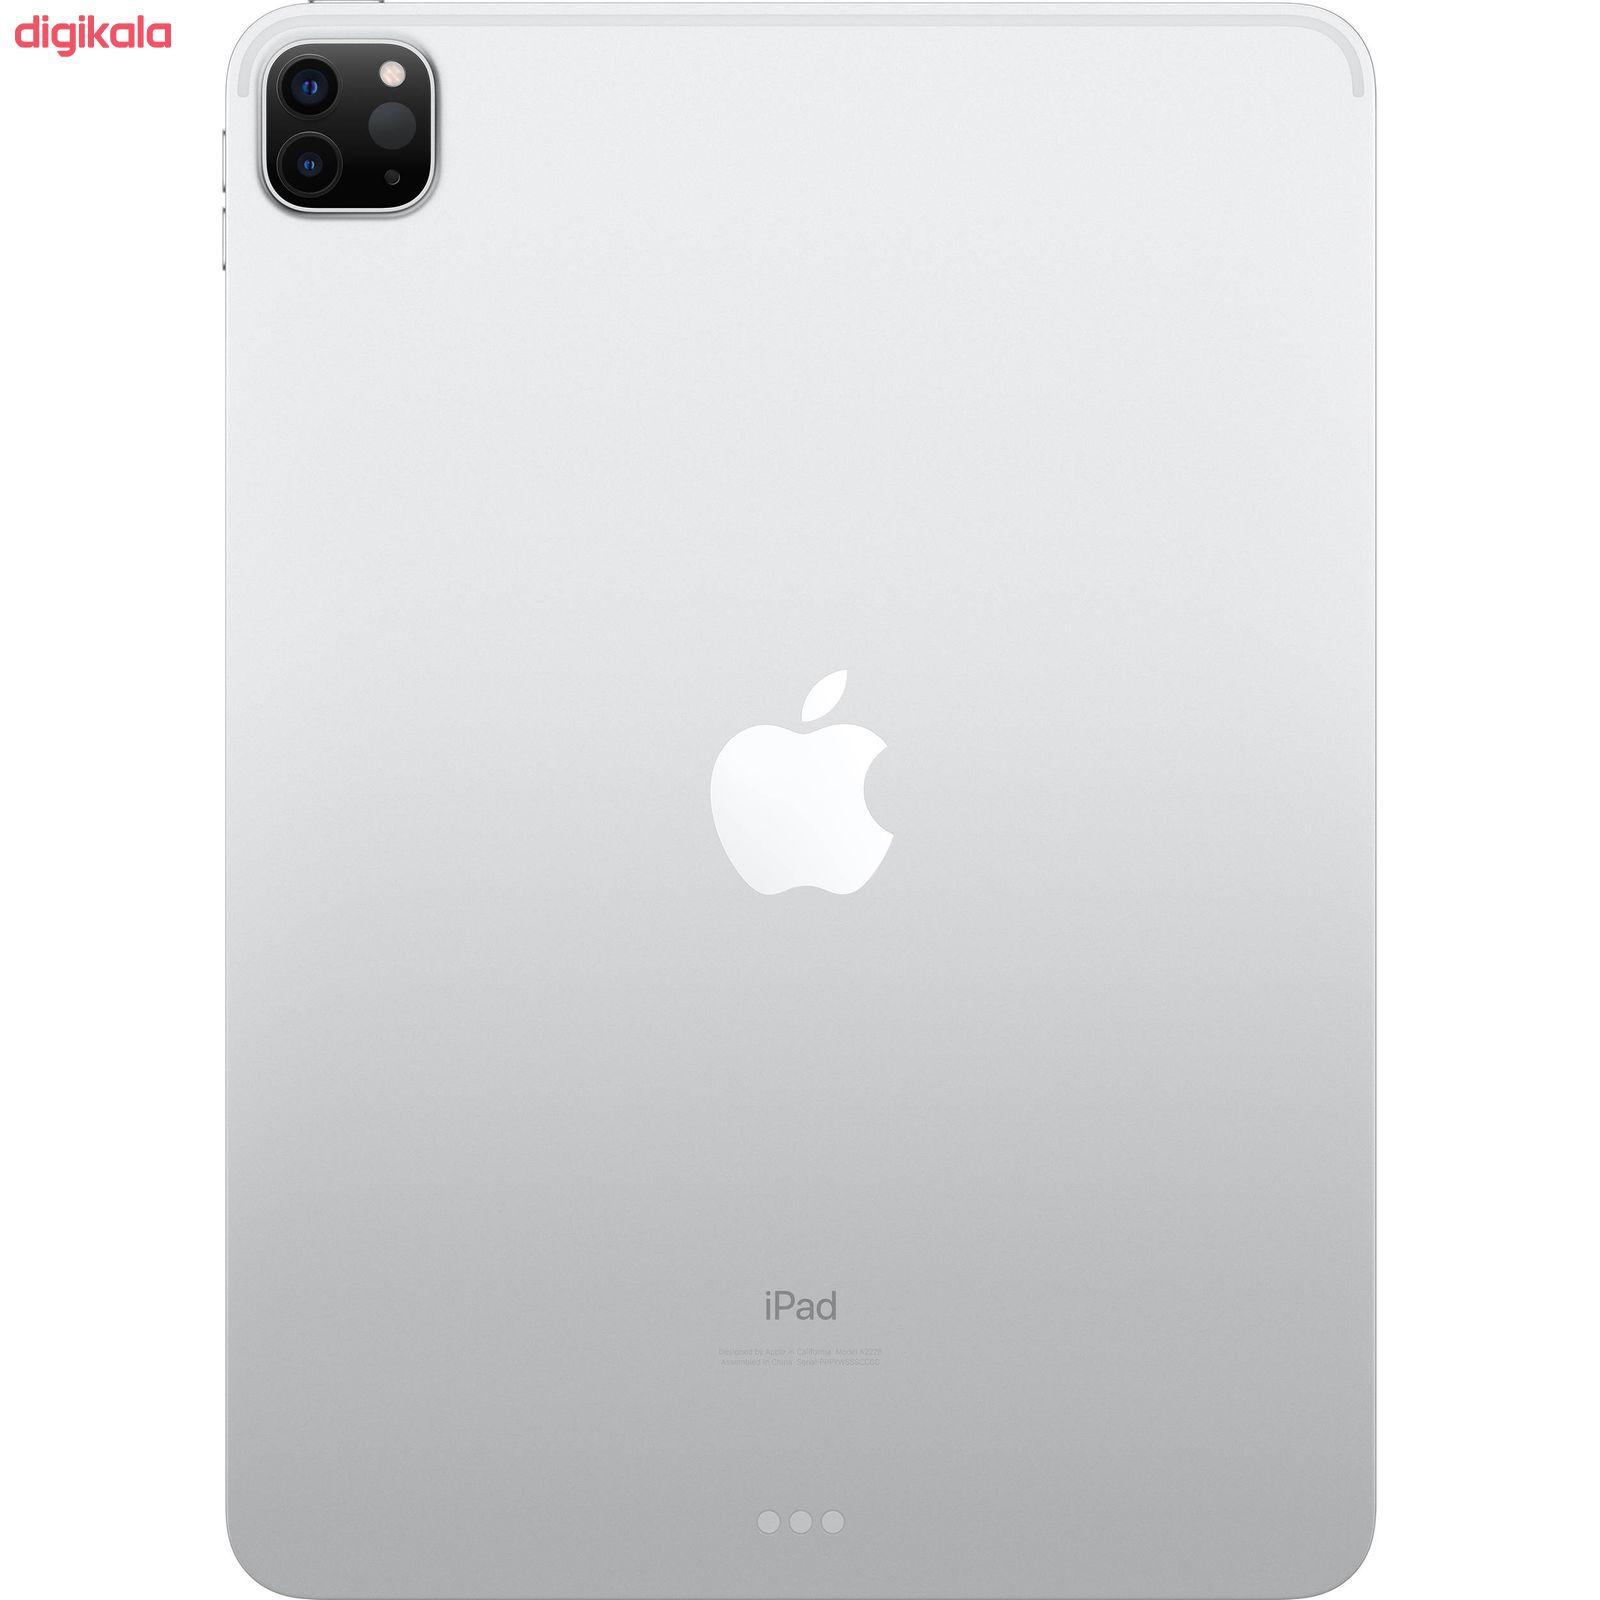 تبلت اپل مدل iPad Pro 11 inch 2020 4G ظرفیت 128 گیگابایت  main 1 2